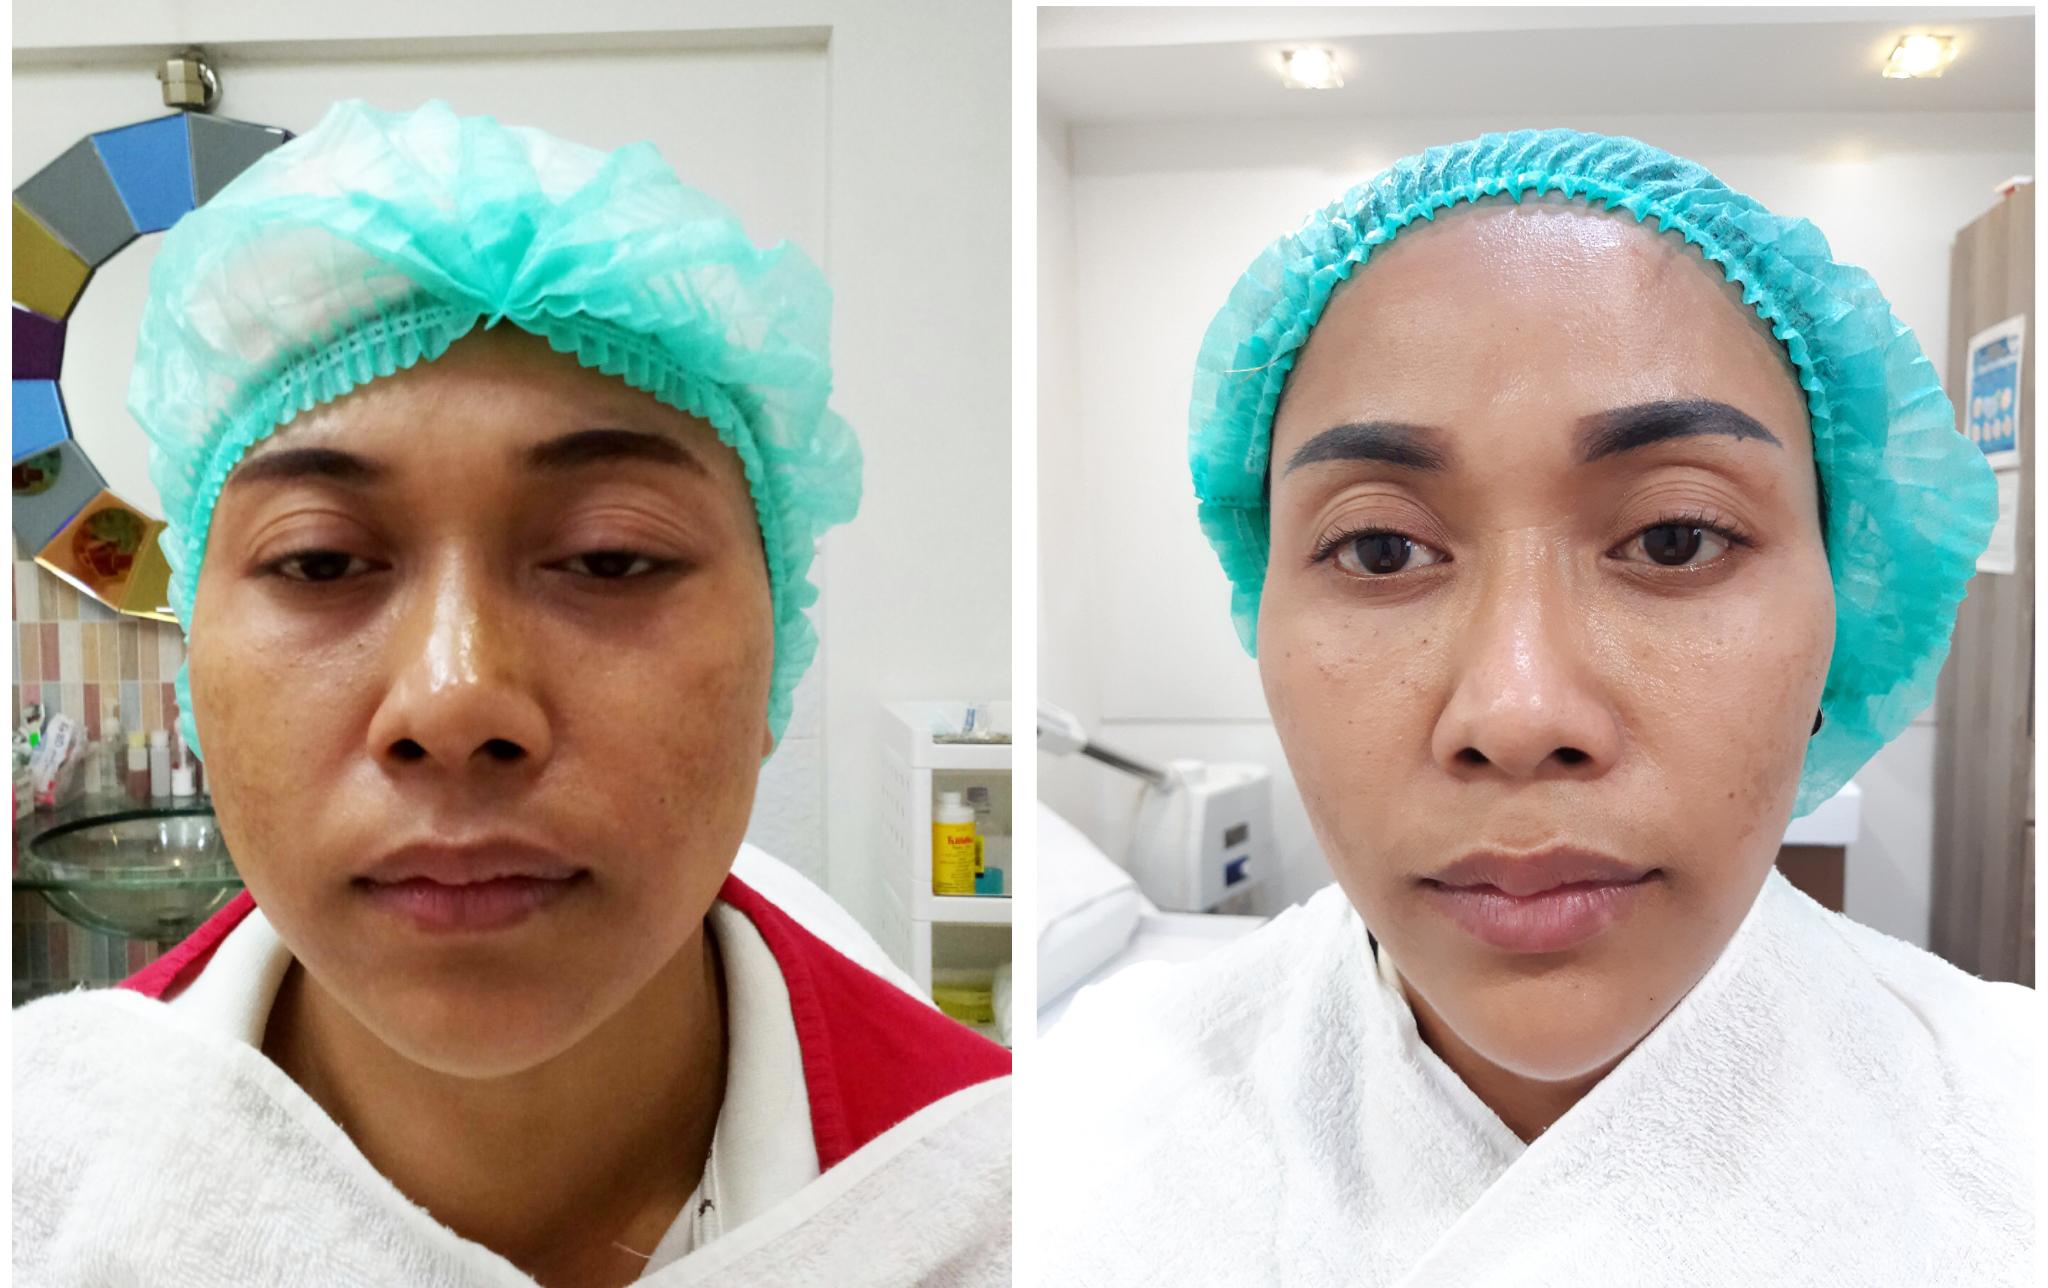 ร้อยไหม ยกกระชับ หน้าเรียว ลดริ้วรอย Filler หน้าเรียว ลดริ้วรอย Botox หน้าเรียว ลดริ้วรอย